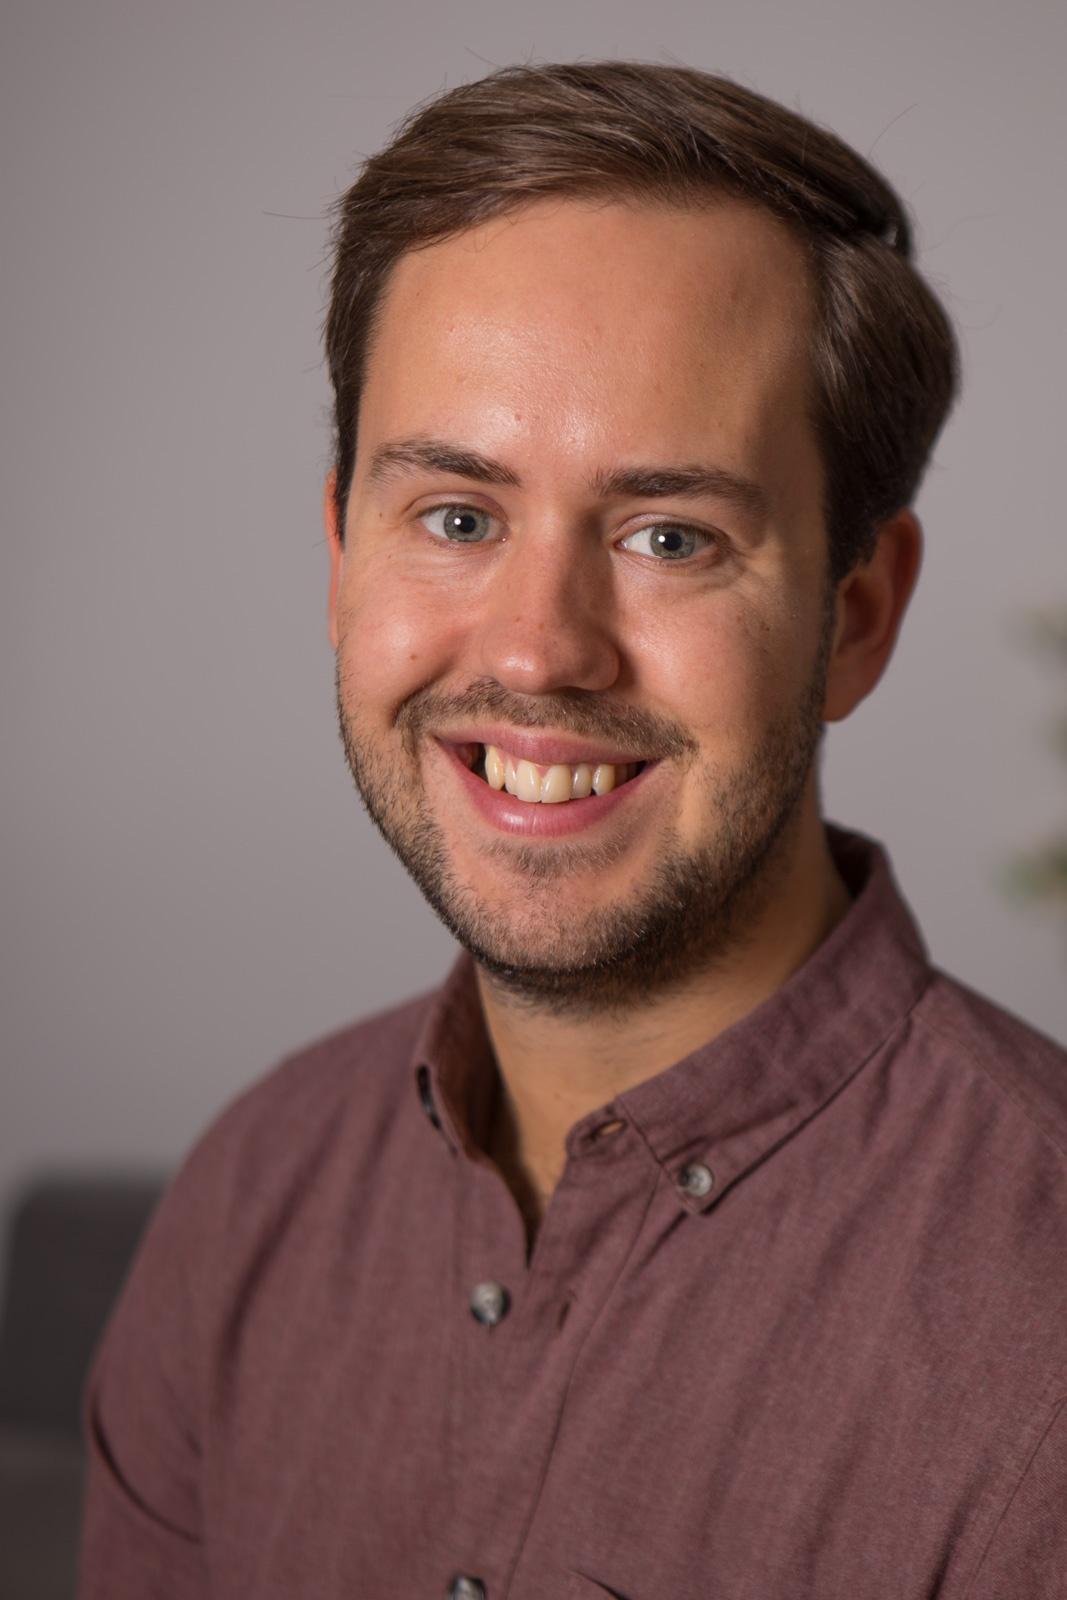 Mikael Knutsson